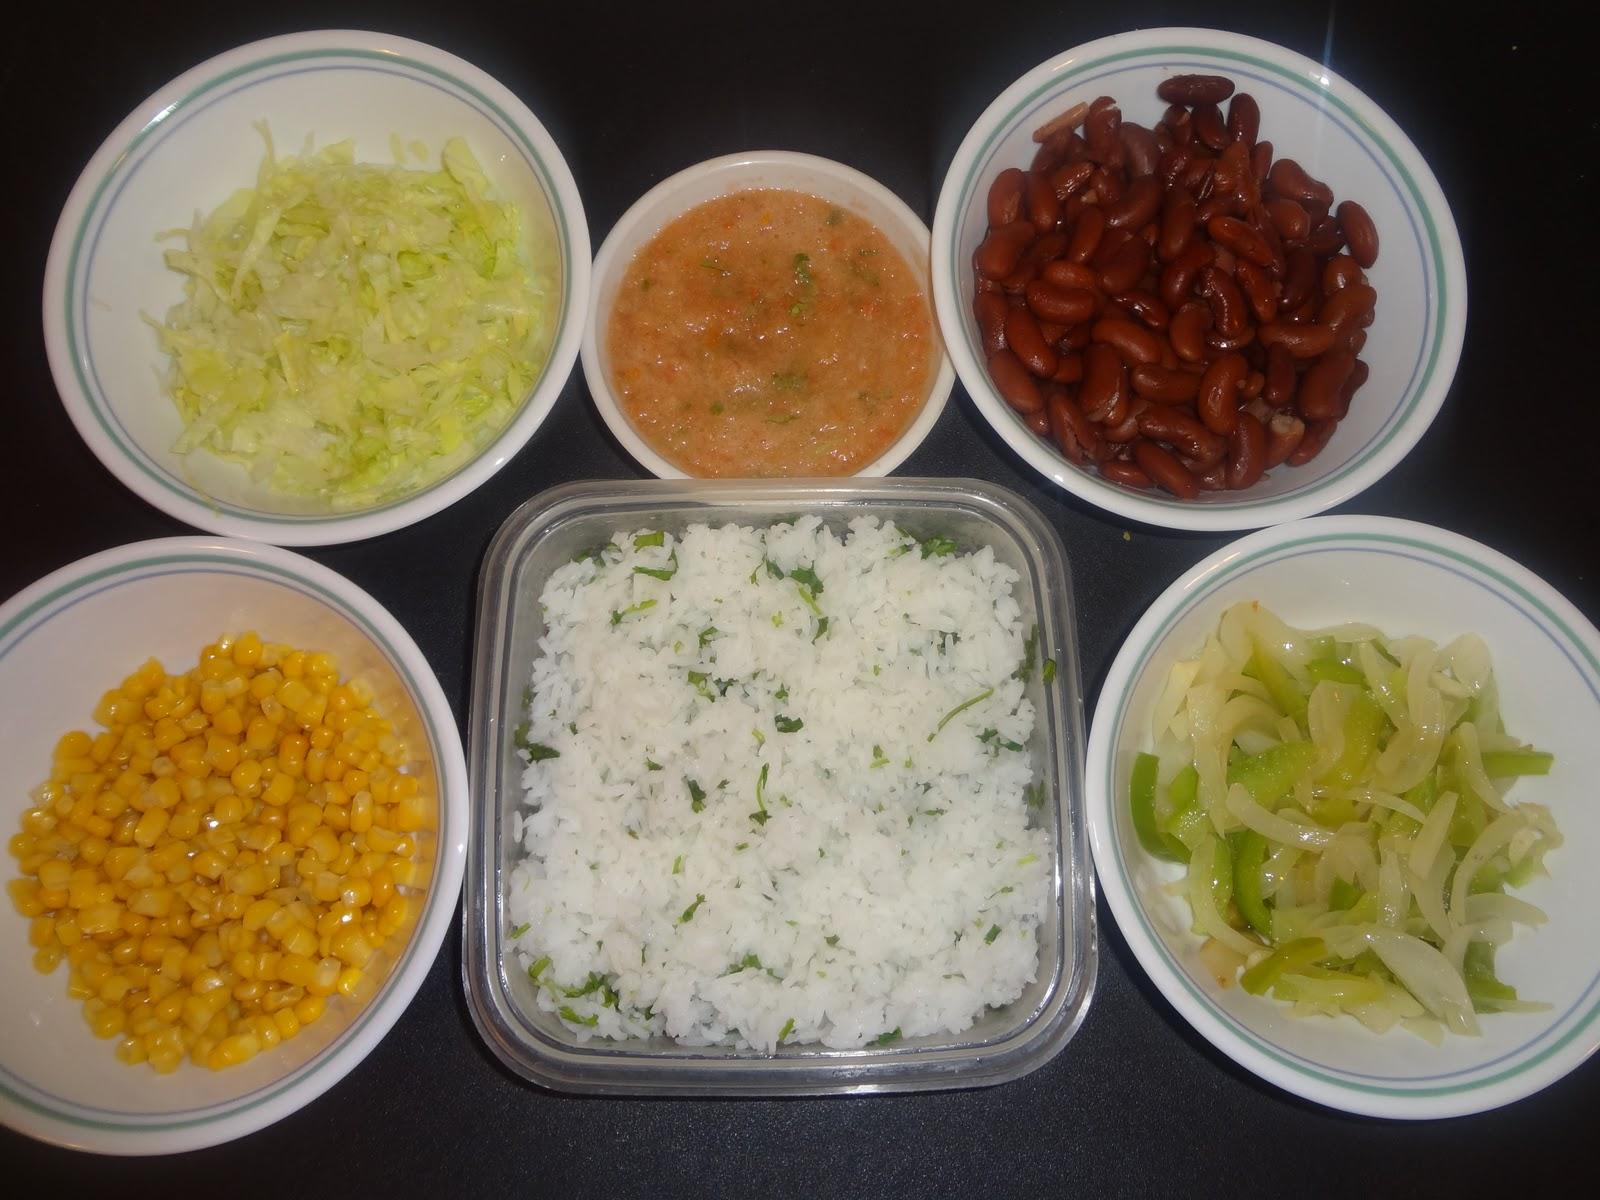 How to make veg burritos at home